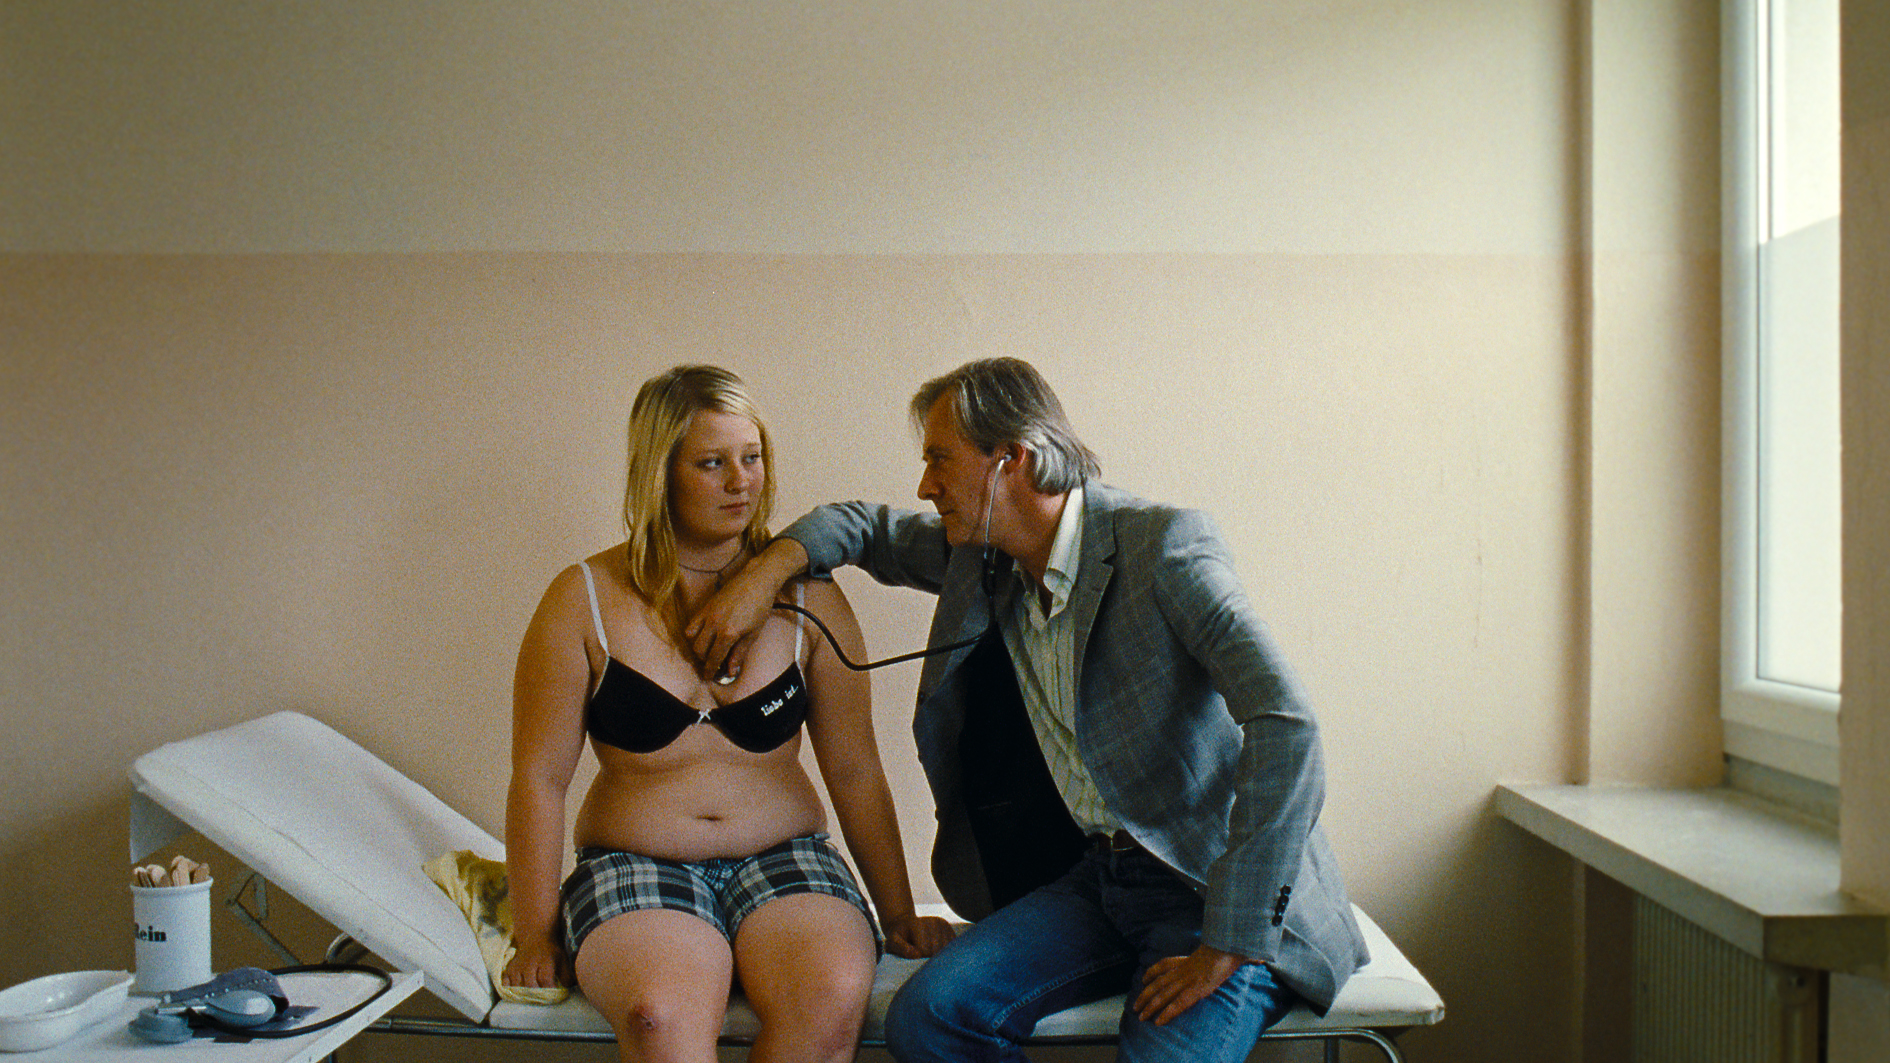 Melanie (Melanie Lenz) verliebt sich im Diätcamp in den 40 Jahre älteren Arzt (Joseph Lorenz). © Neue Visionen Filmverleih